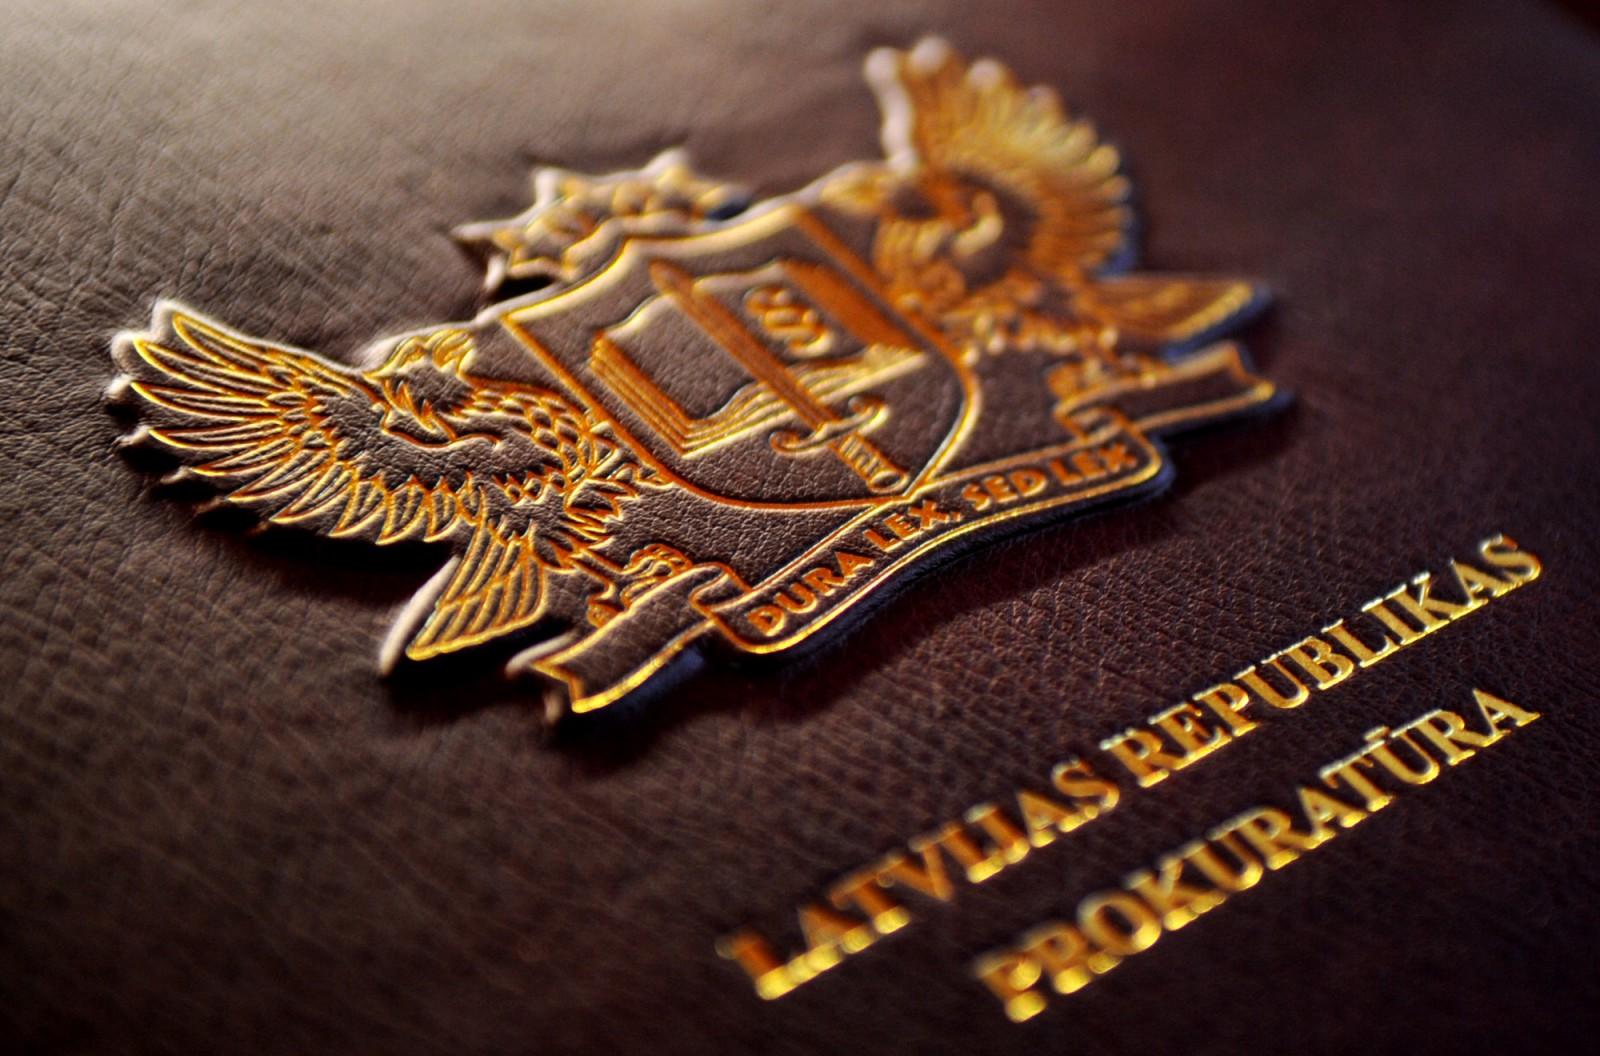 Probe false în dosarul privind frauda bancară. Procuratura din Letonia: Moldova nu a făcut nicio interpelare în dosarul furtului miliardului